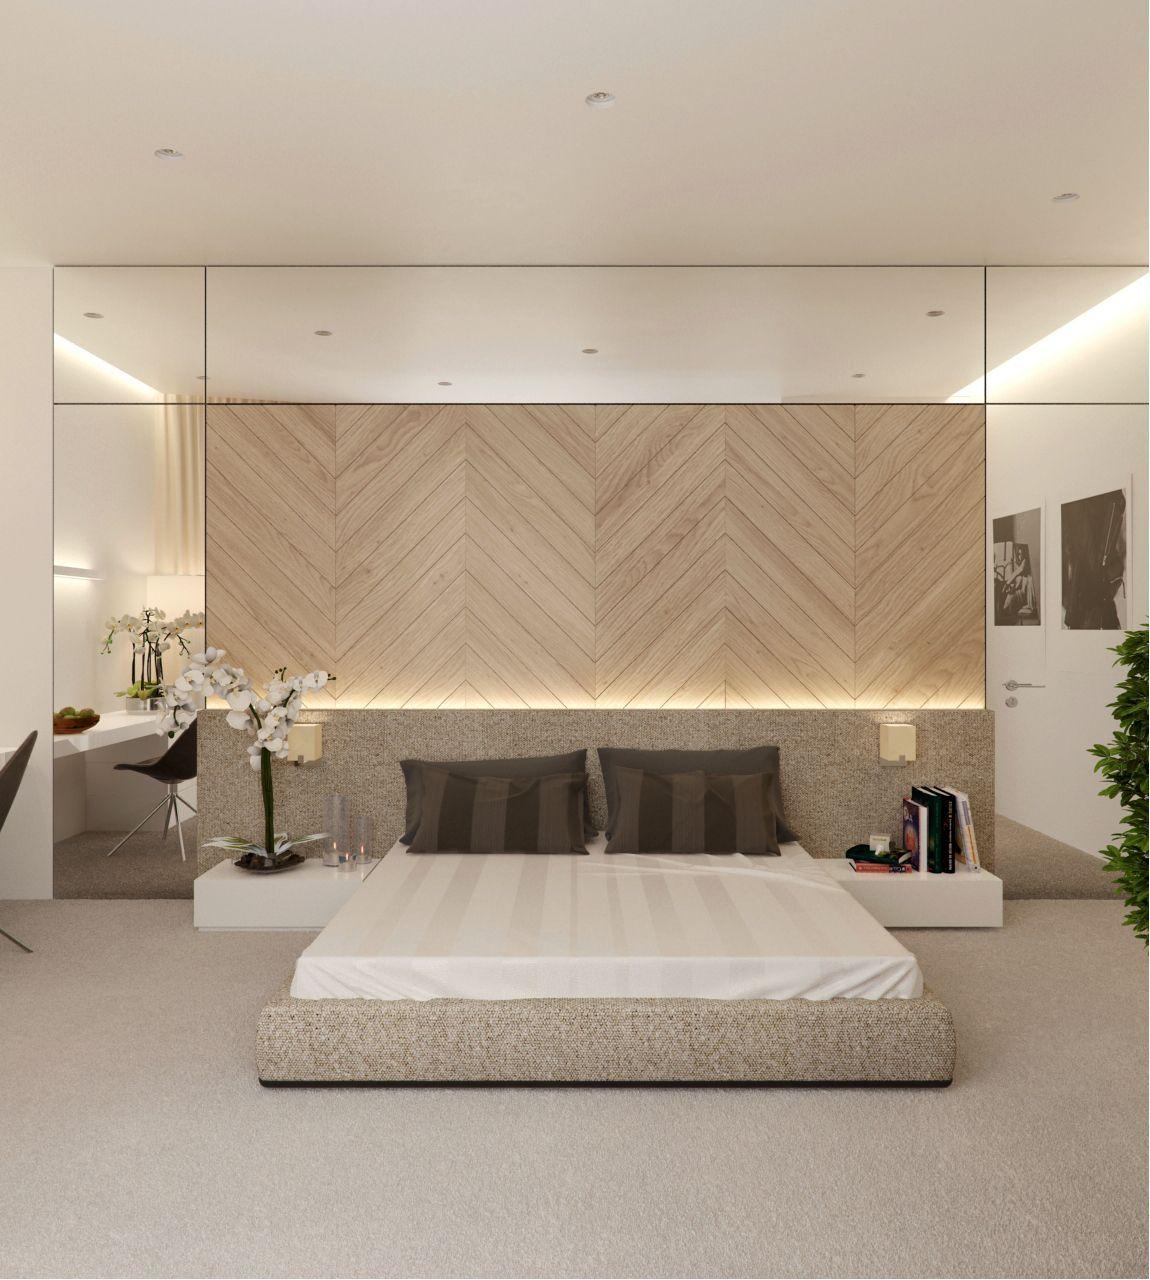 Épinglé par smoib sur Bed ROOM 침실   Pinterest   Chambres